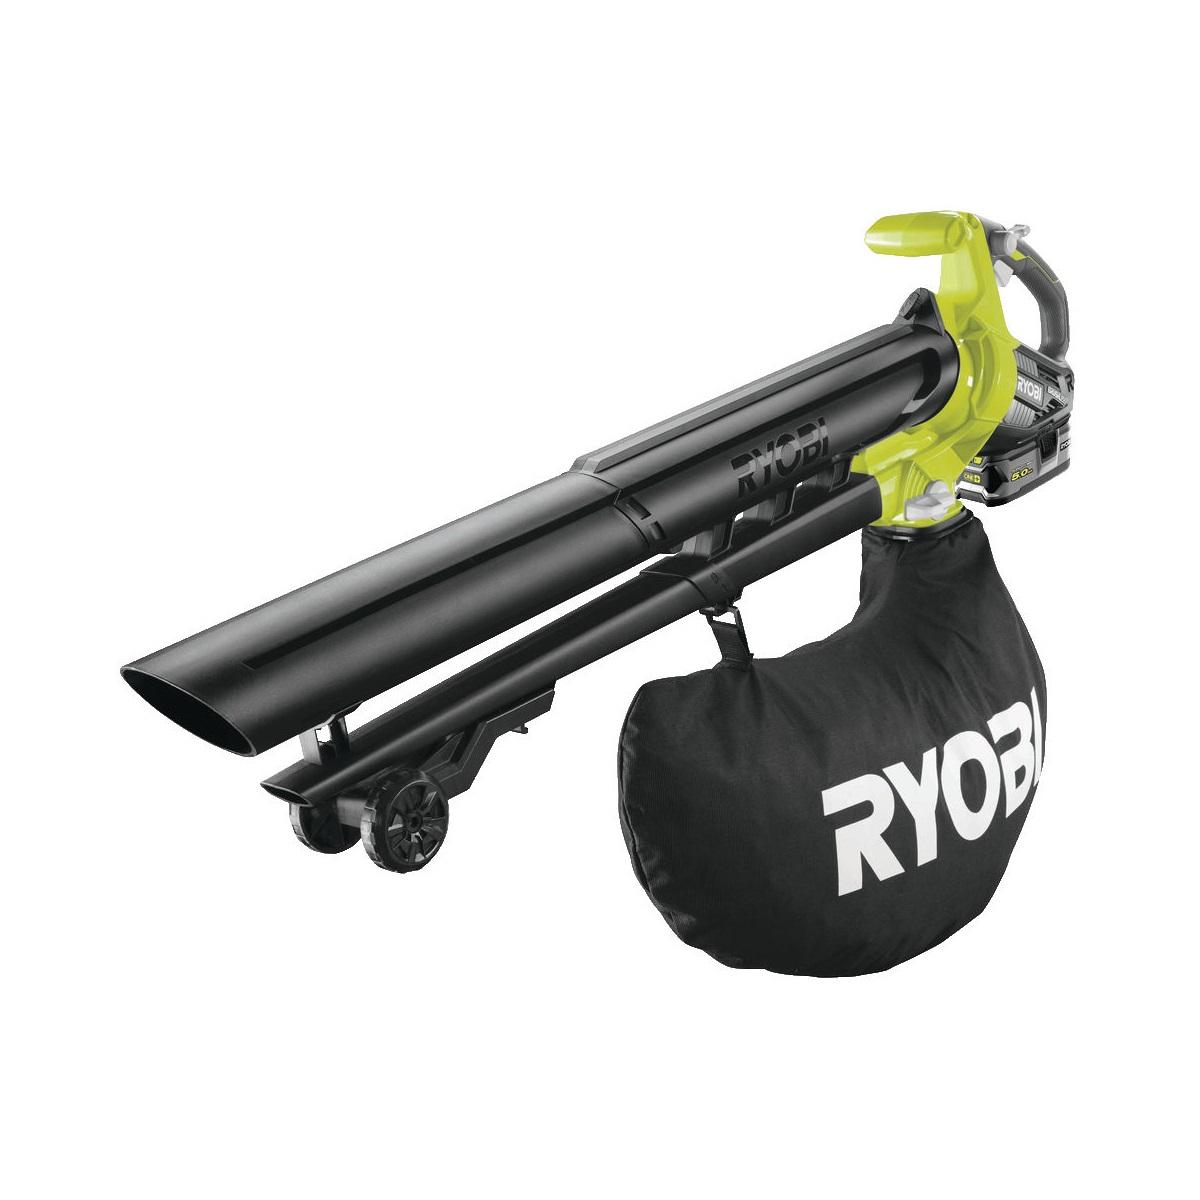 Ryobi RBV1850aku 18V bezuhlíkový foukač/vysavač + 1x 5Ah baterie + nabíječka ONE+